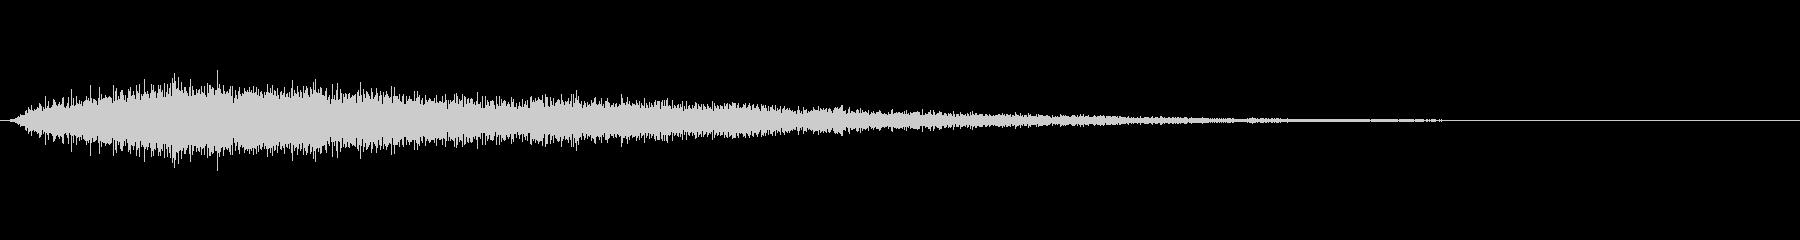 ふわっと広がるエフェクト効果音の未再生の波形